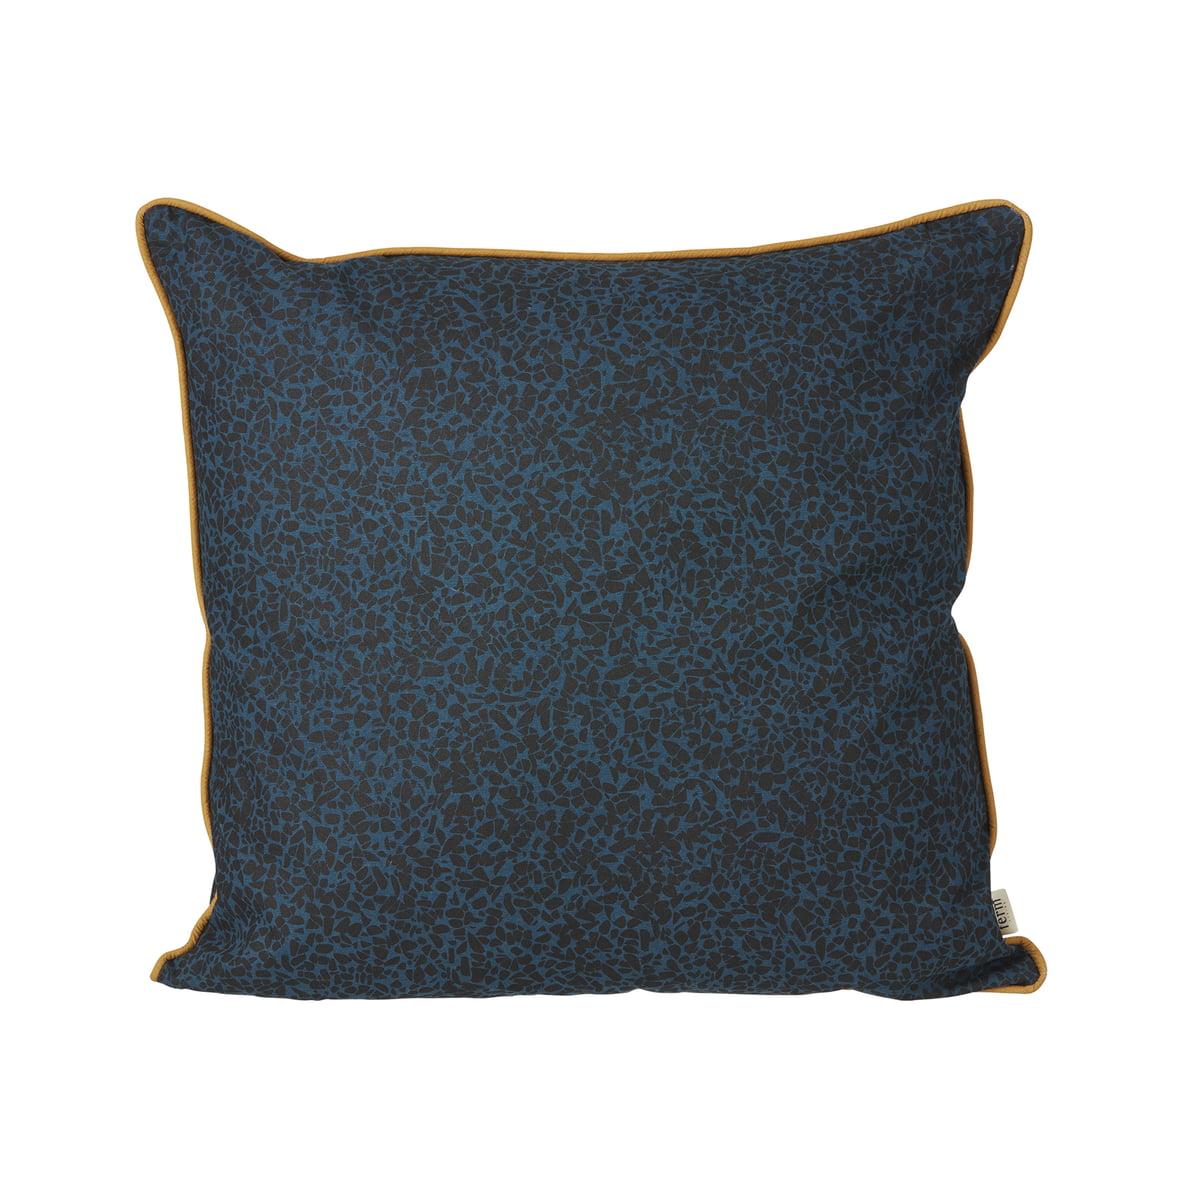 terrazzo kissen von ferm living im shop. Black Bedroom Furniture Sets. Home Design Ideas